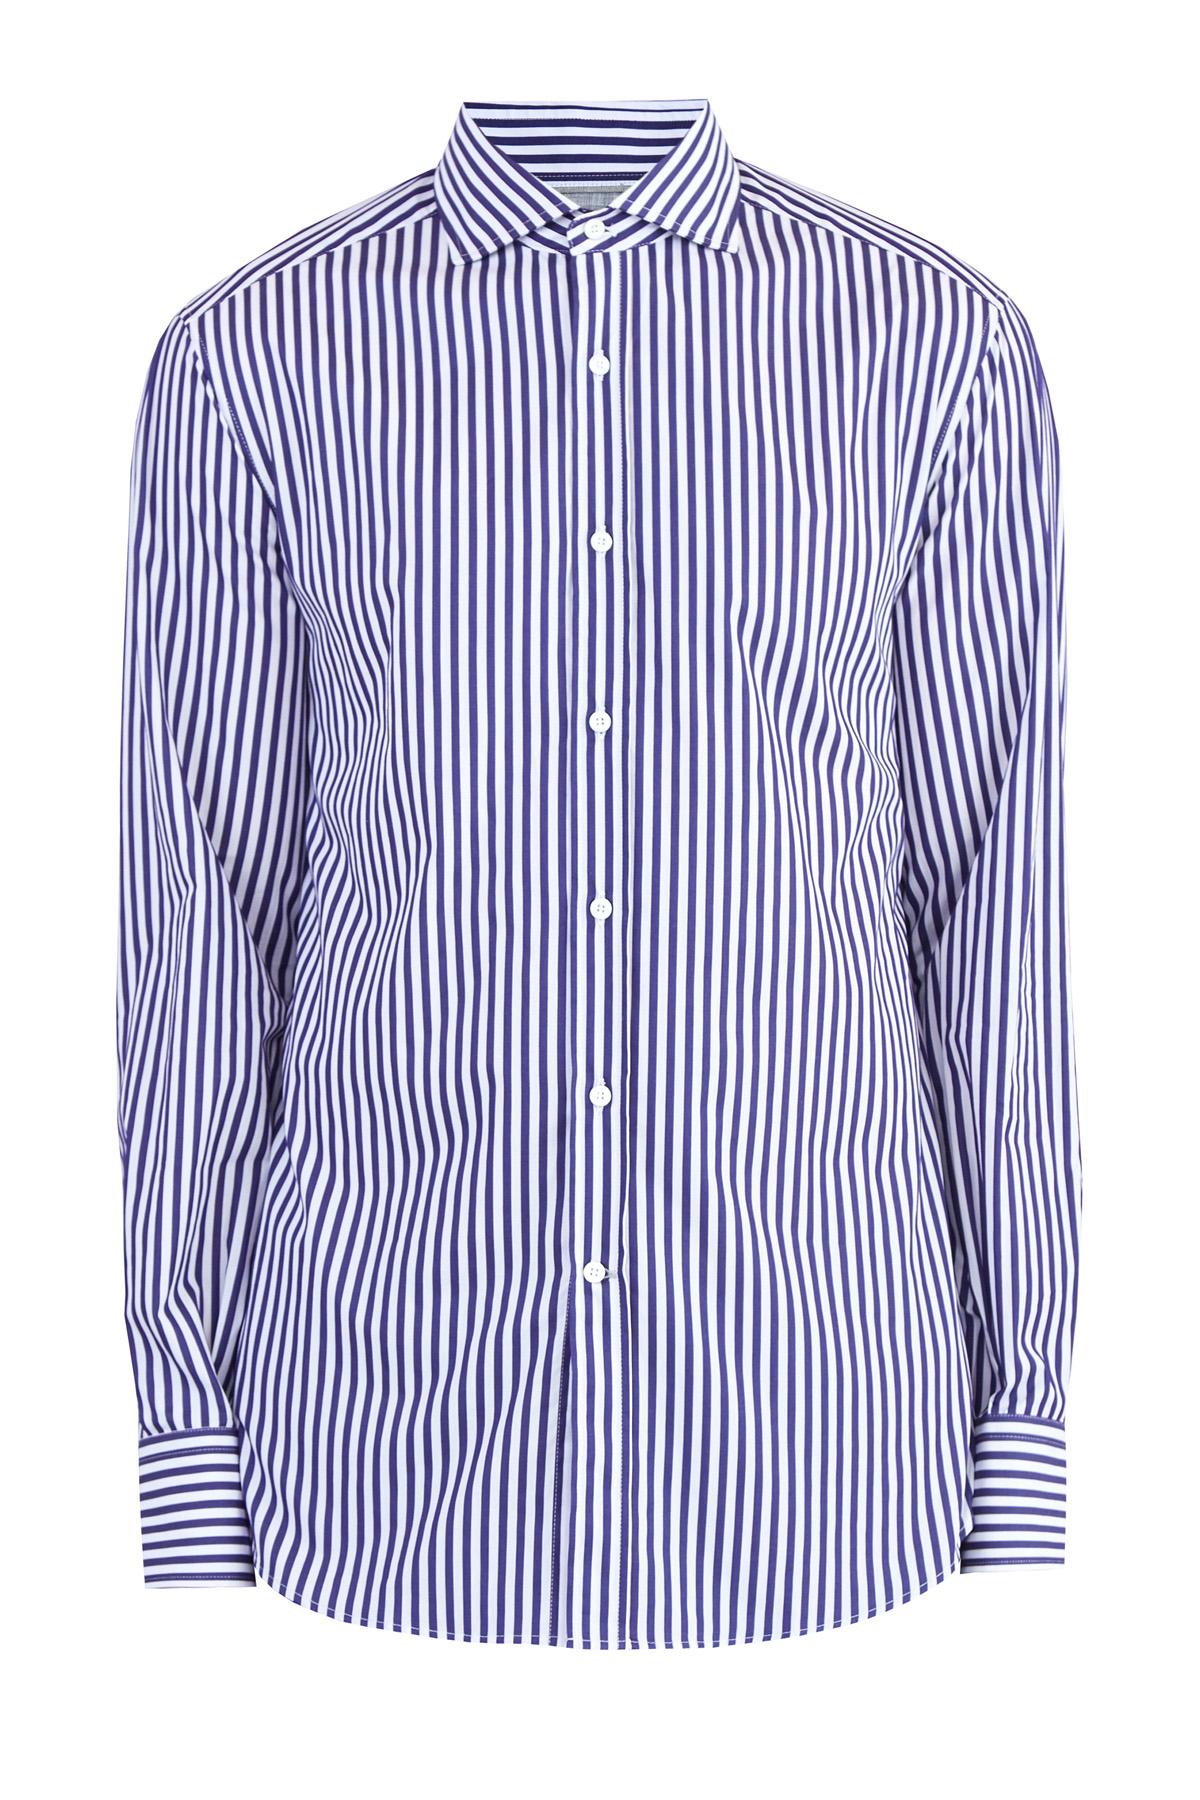 Купить Рубашка из поплина с узором в полоску, BRUNELLO CUCINELLI, Италия, хлопок 100%